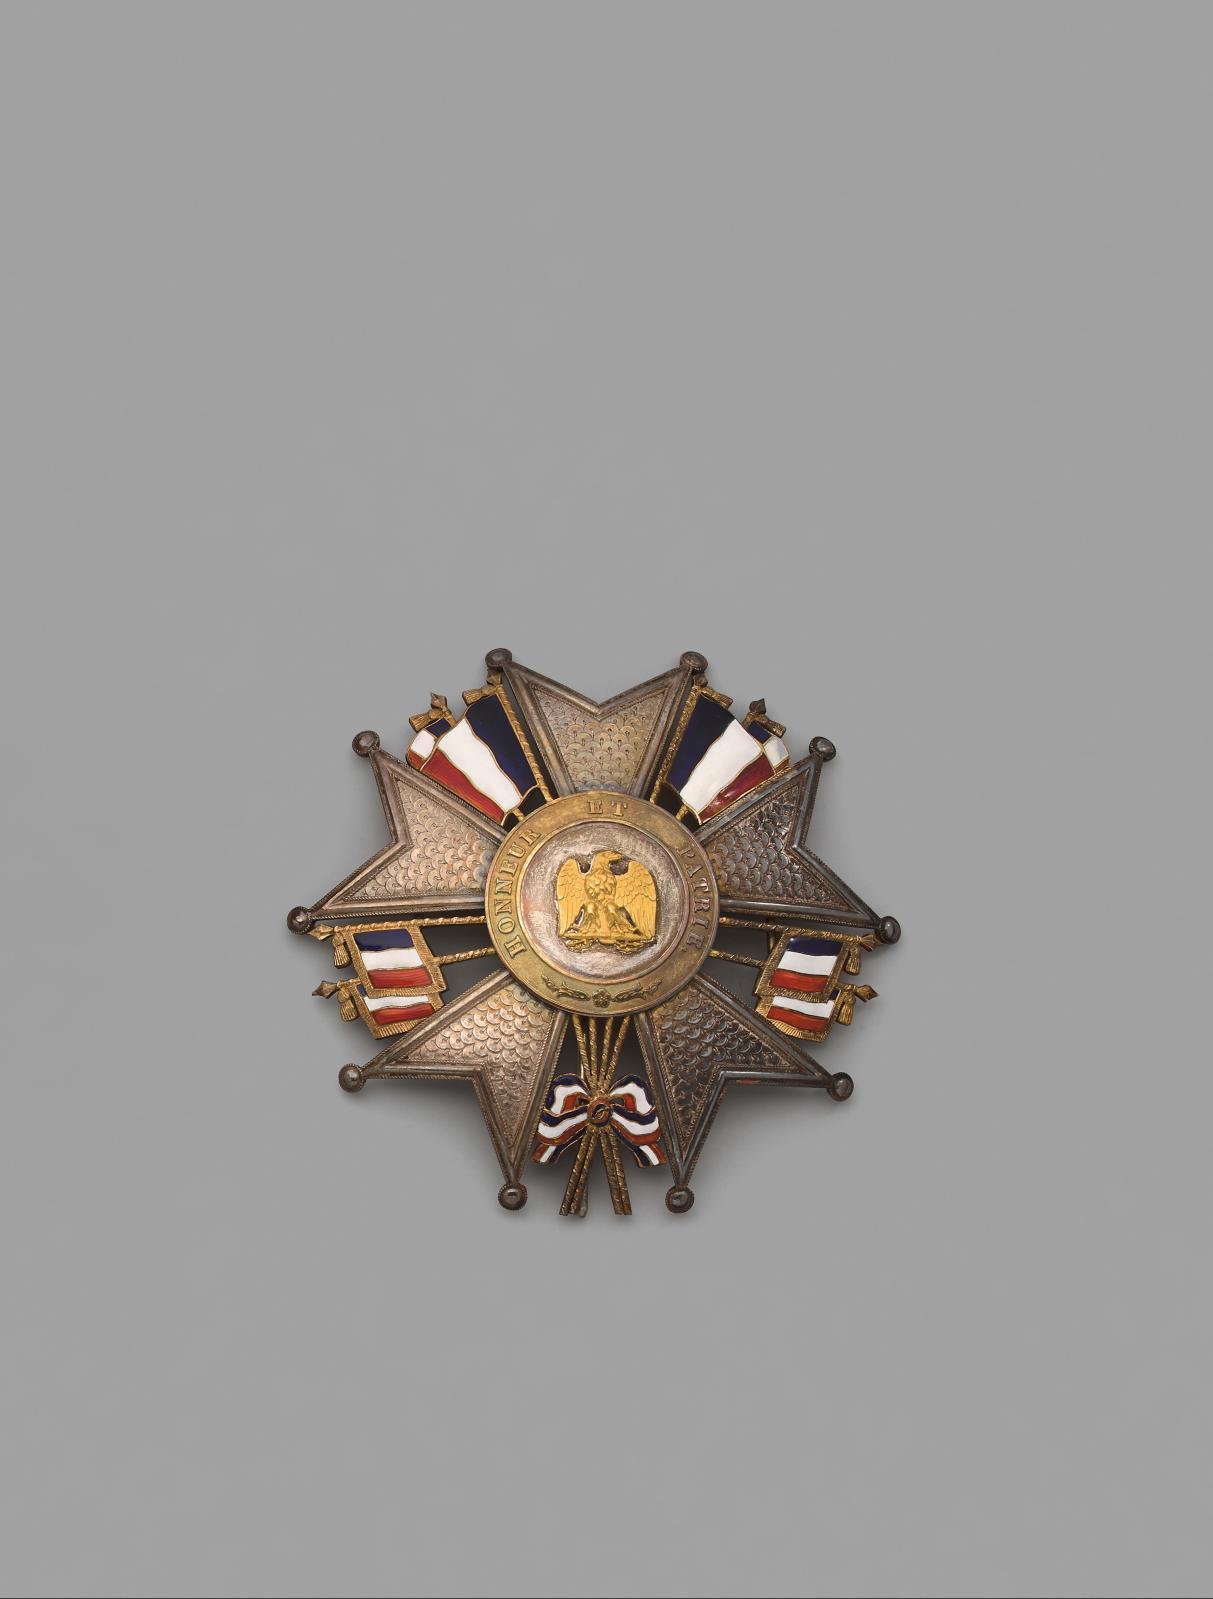 France, ordre de la Légion d'honneur, plaque de grand-croix du modèle présidence en argent les branches ciselées à l'imitation des plaques